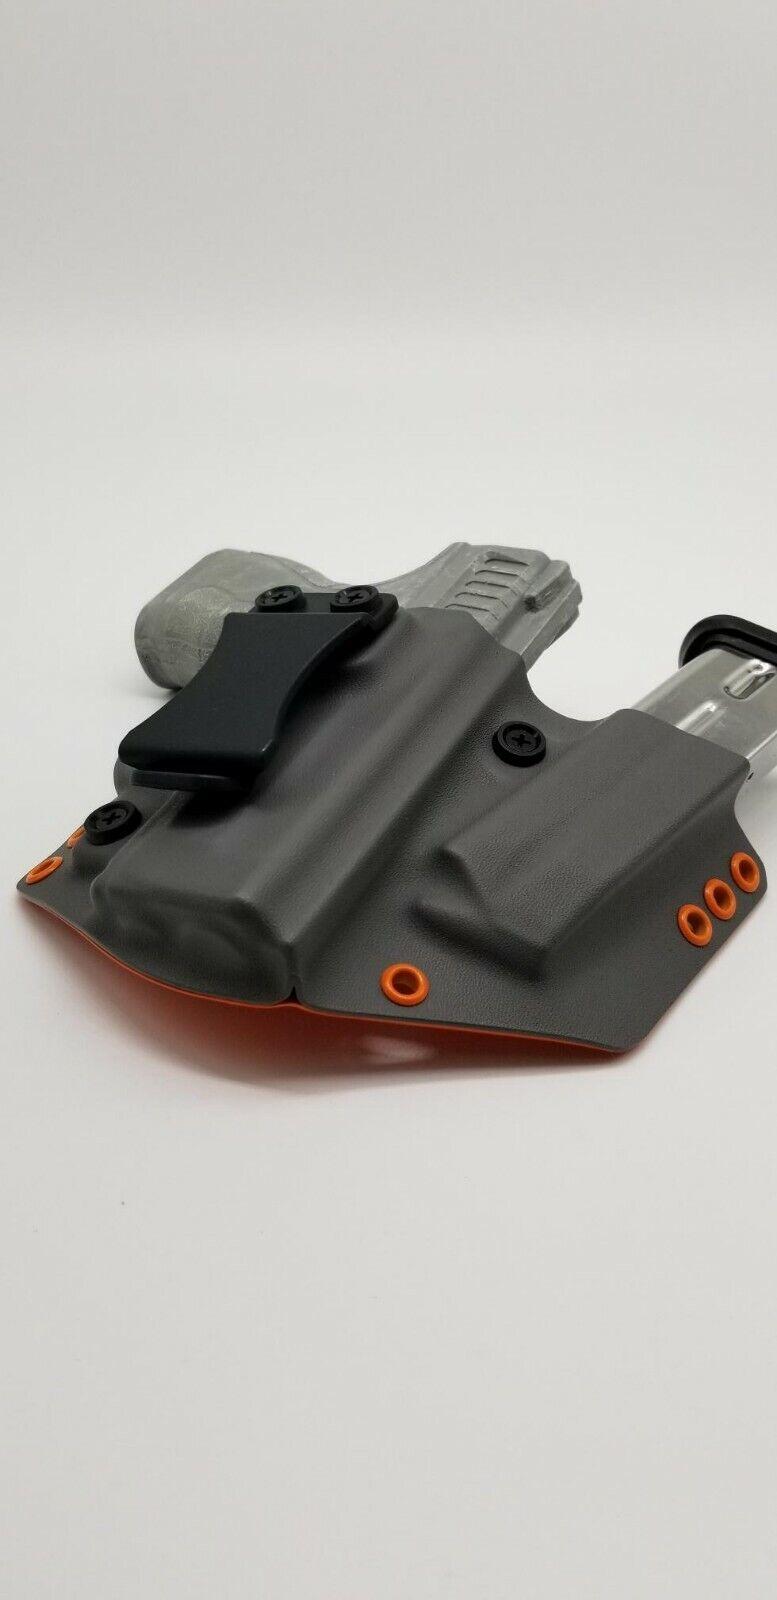 Sig Sauer P320 M17 Gray & Orange Kydex Inside Waist IWB Hade